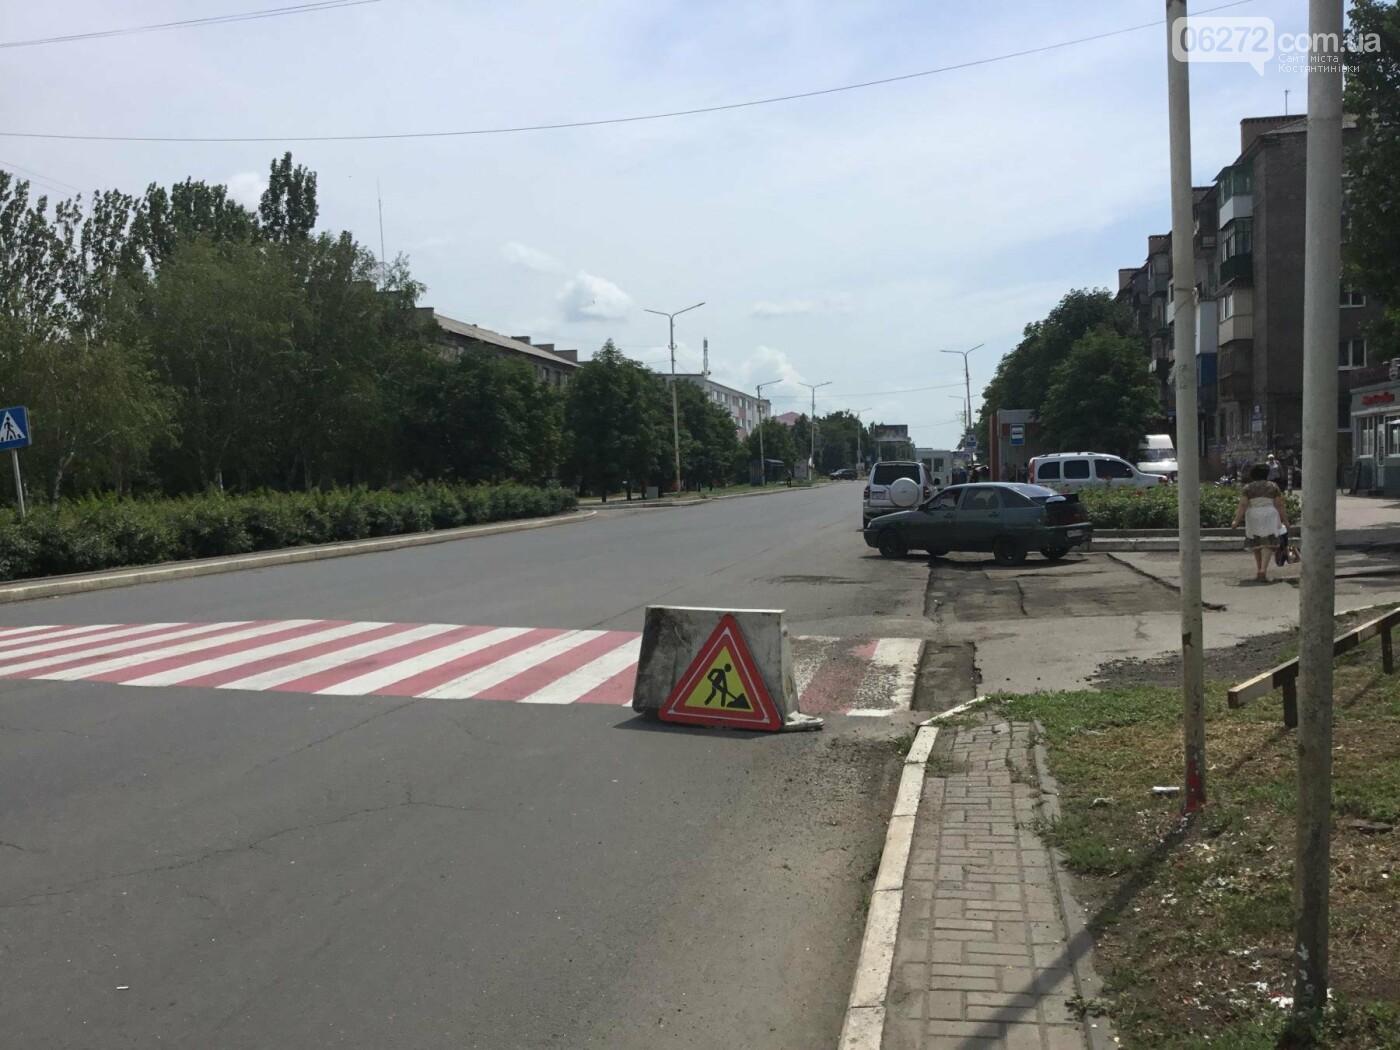 В Константиновке ремонтируют дорогу, фото-4